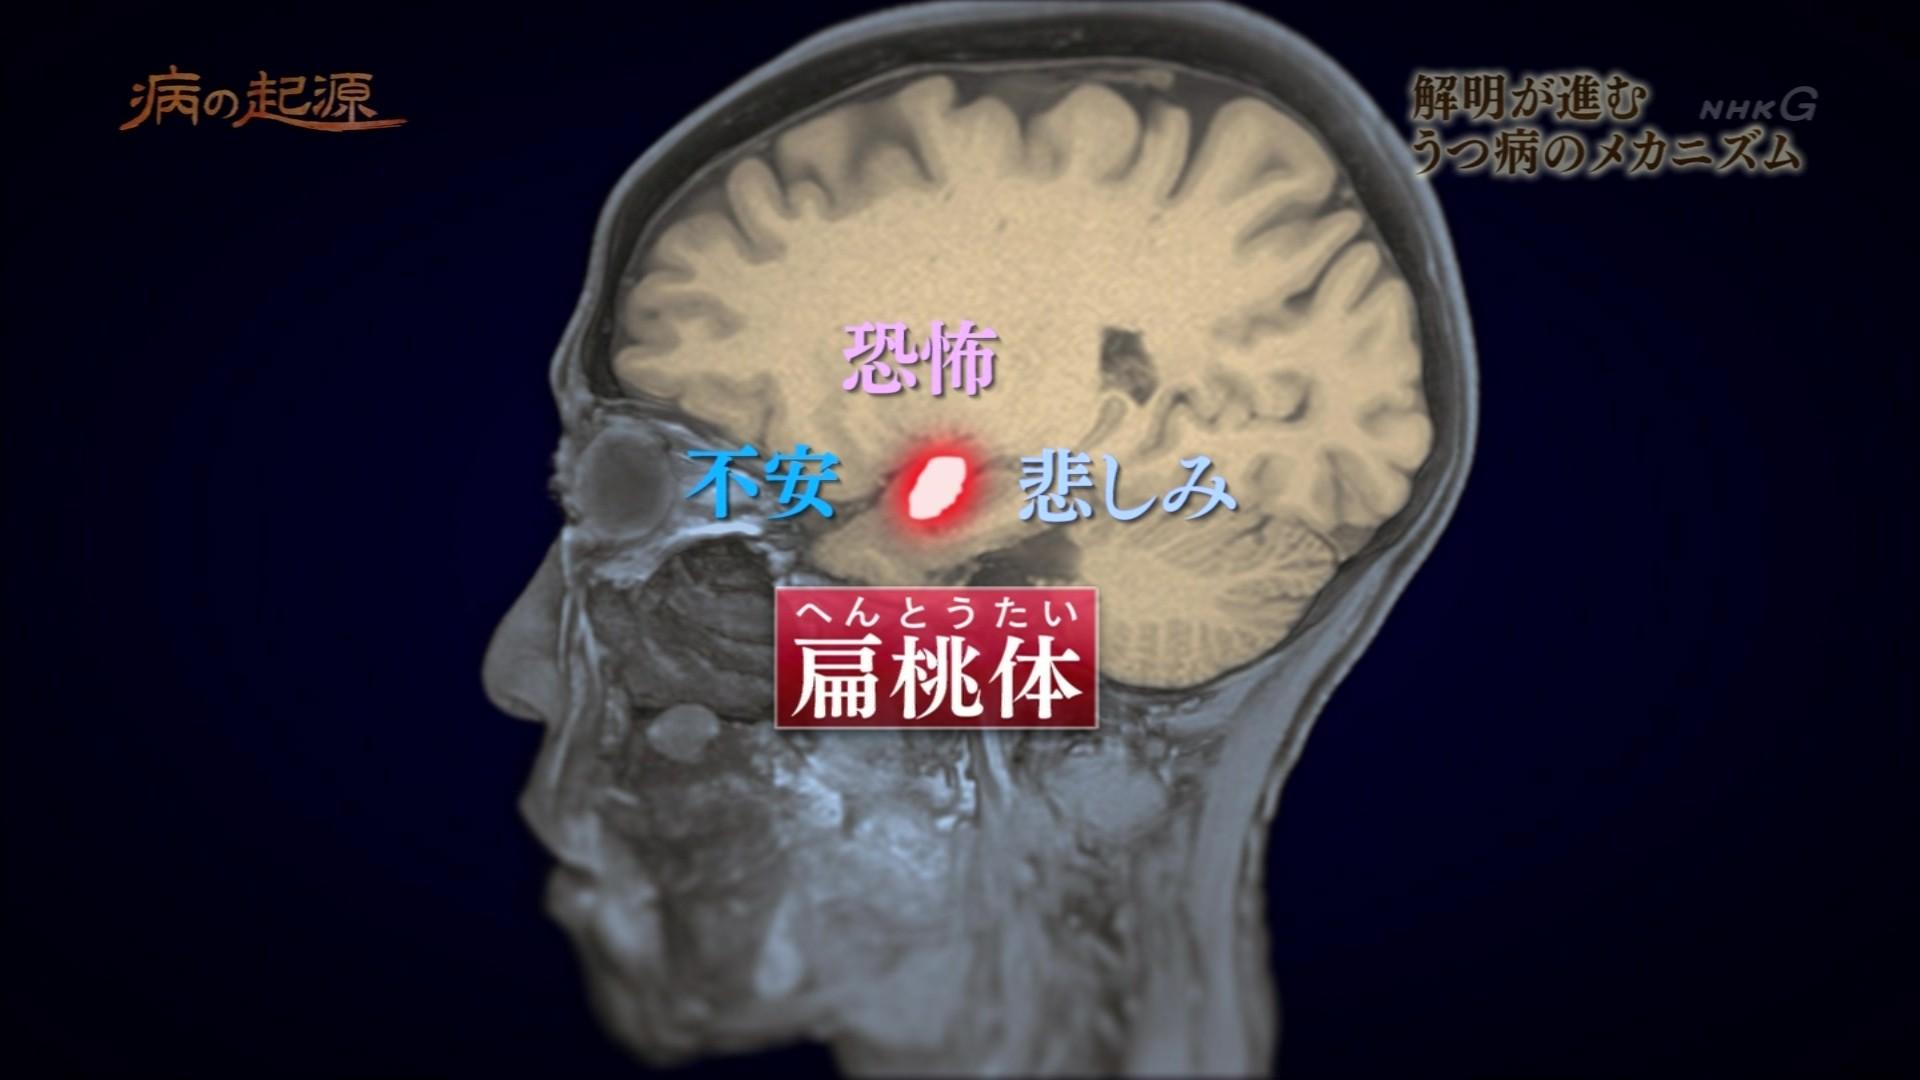 Nスペ 病の起源 第3集「うつ病~防衛本能がもたらす宿命 ...